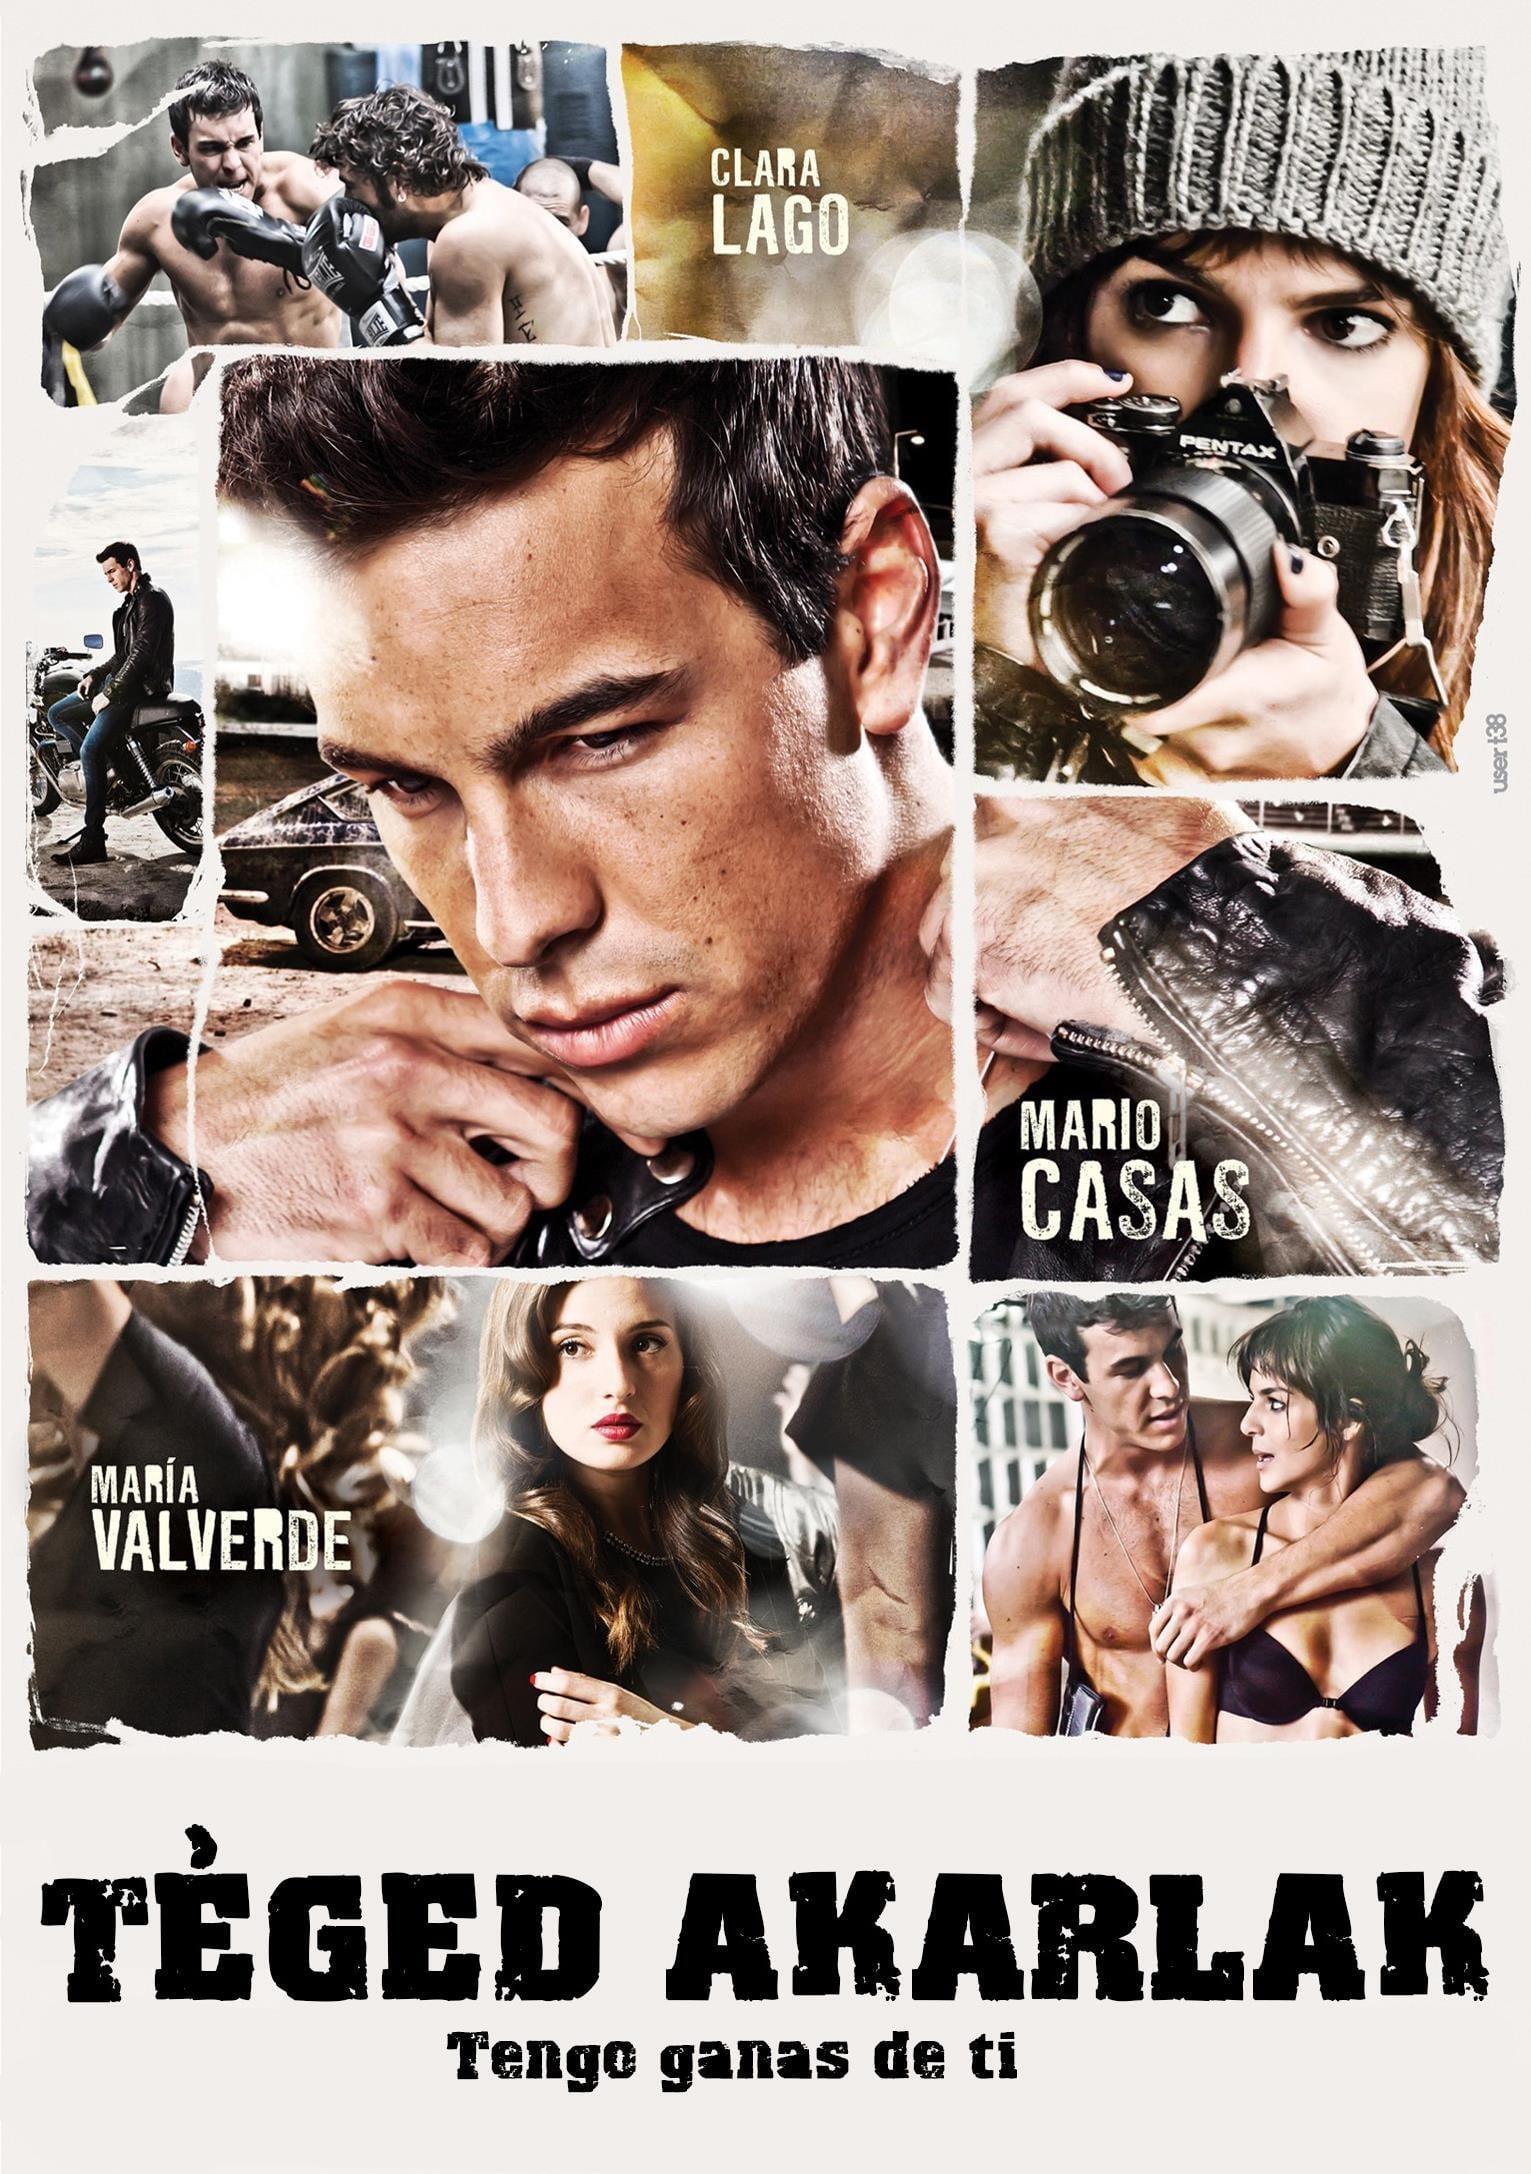 Twilight Love 2 : J'ai envie de toi (2012) Film En Stream ...